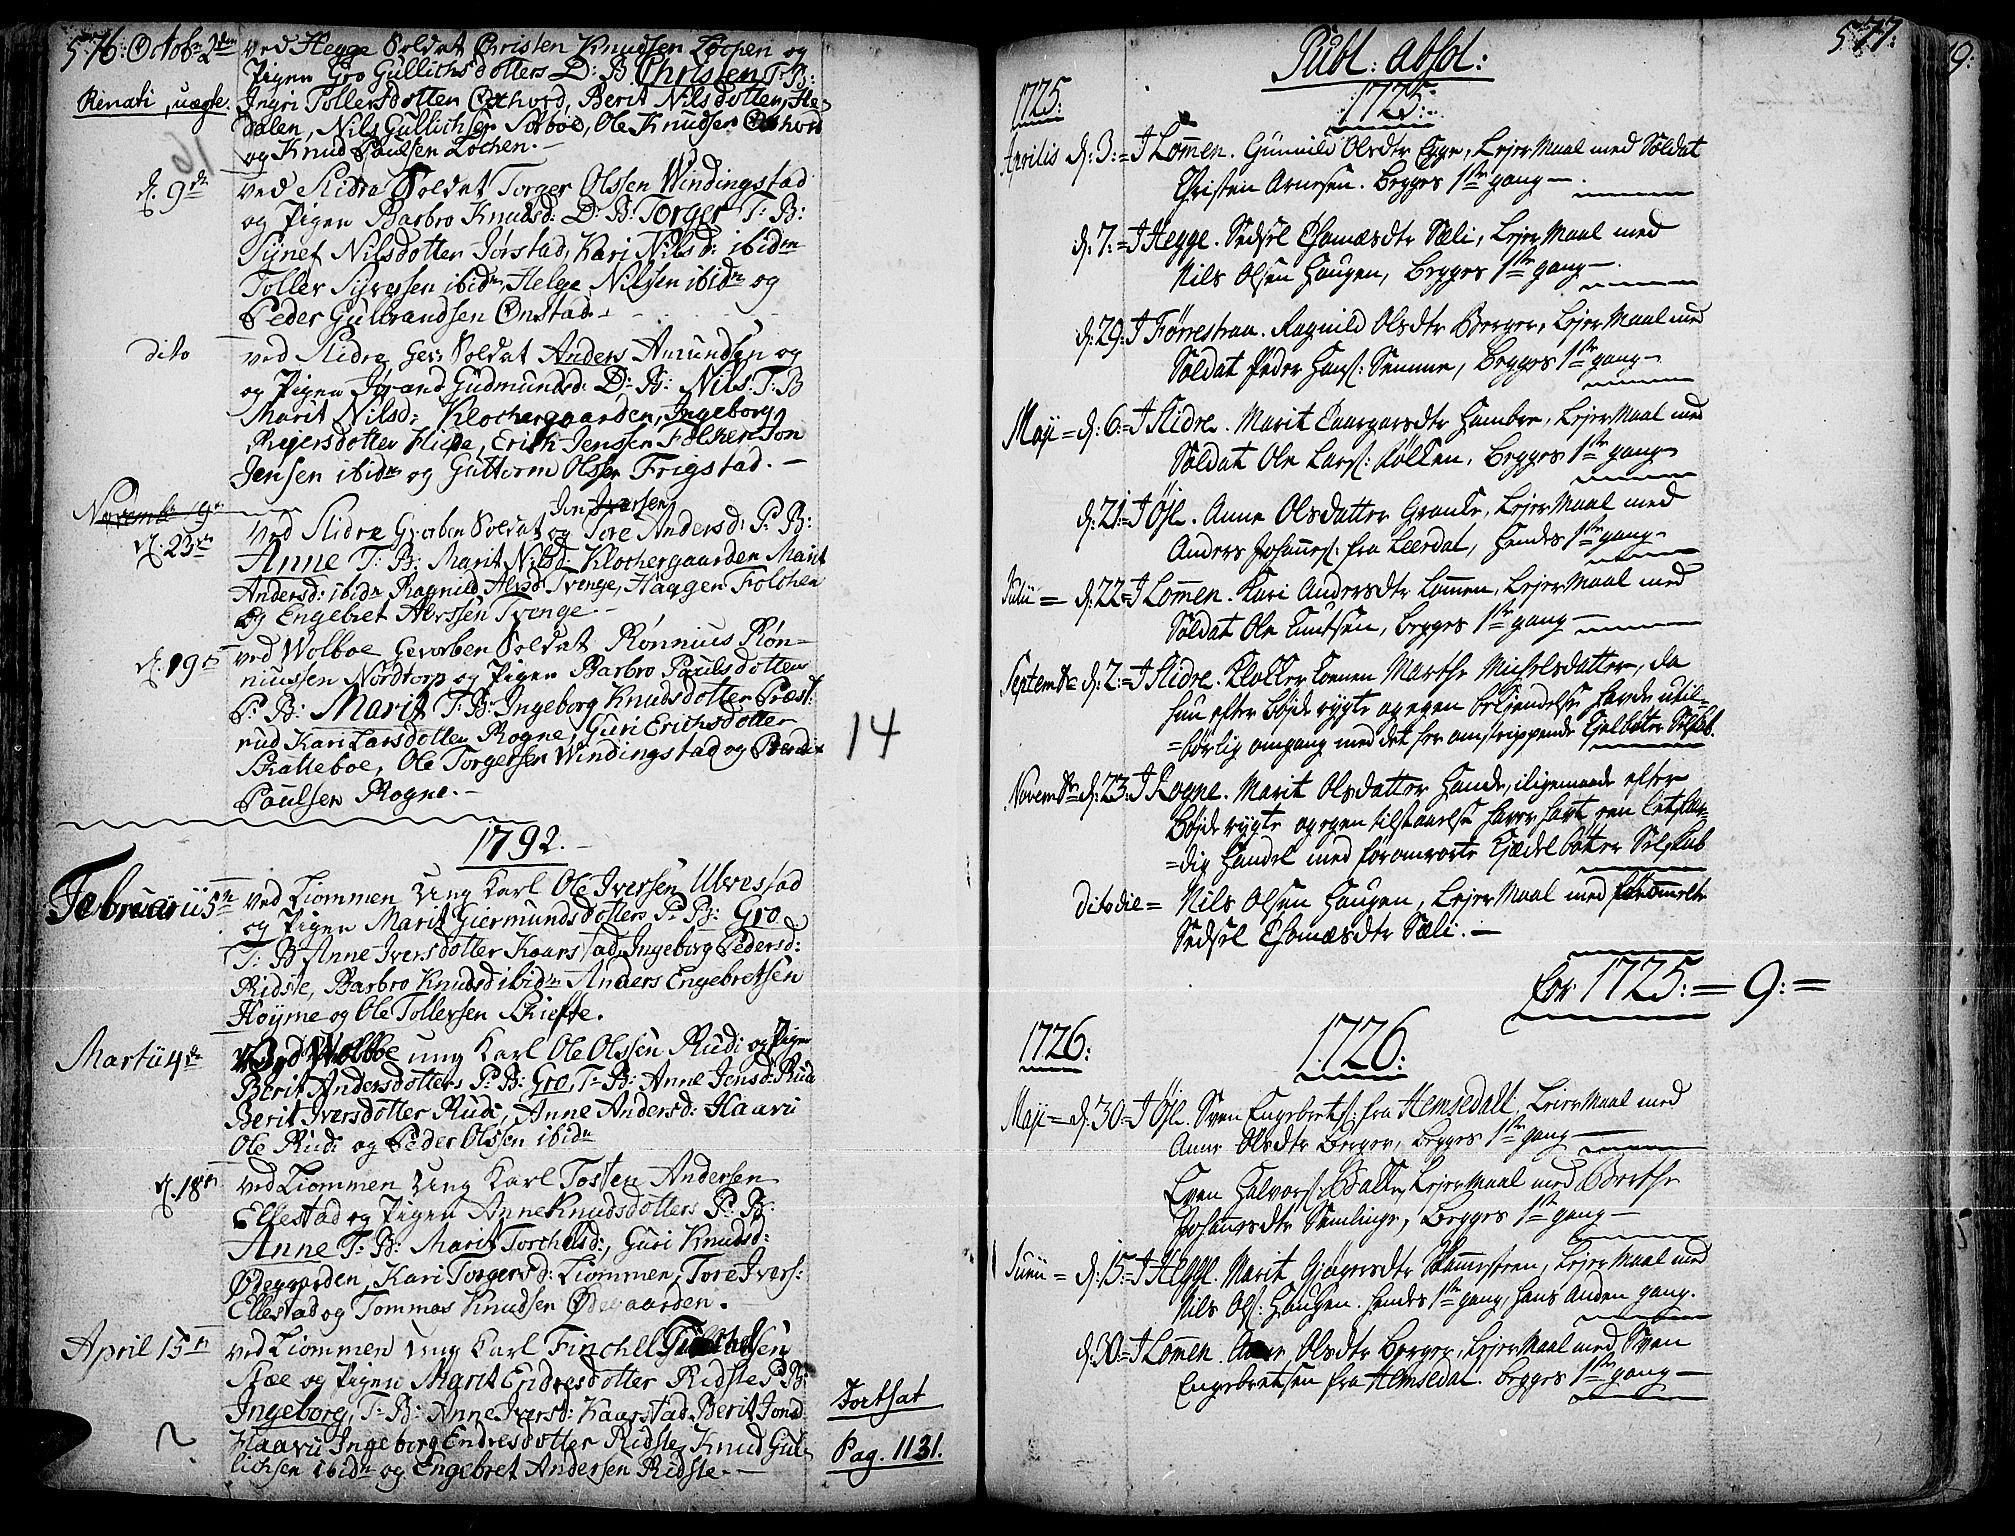 SAH, Slidre prestekontor, Ministerialbok nr. 1, 1724-1814, s. 576-577